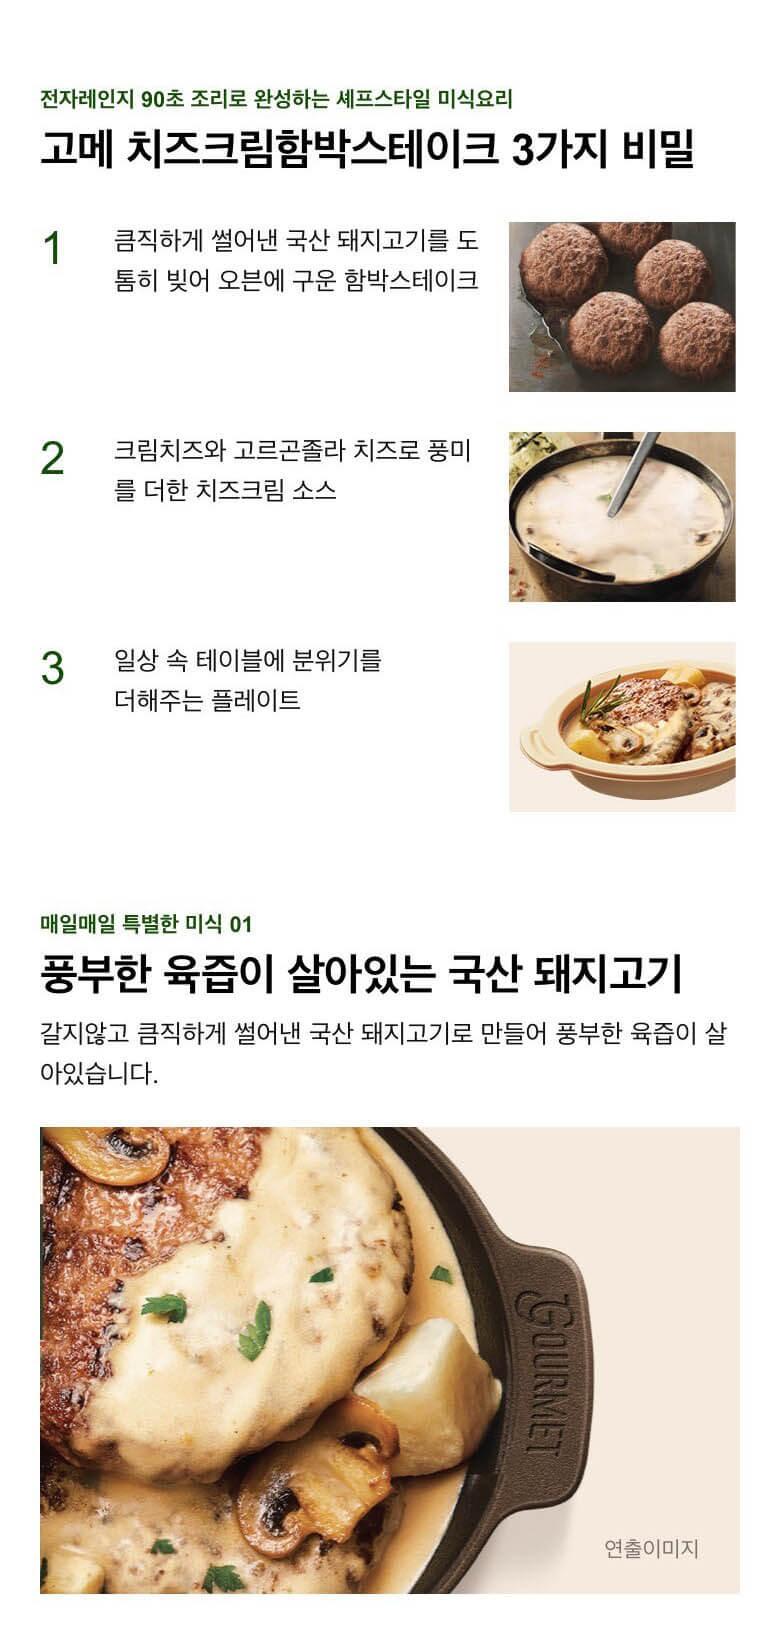 韓國食品-[CJ] Gourmet Cheese Cream Burger Steak 180g